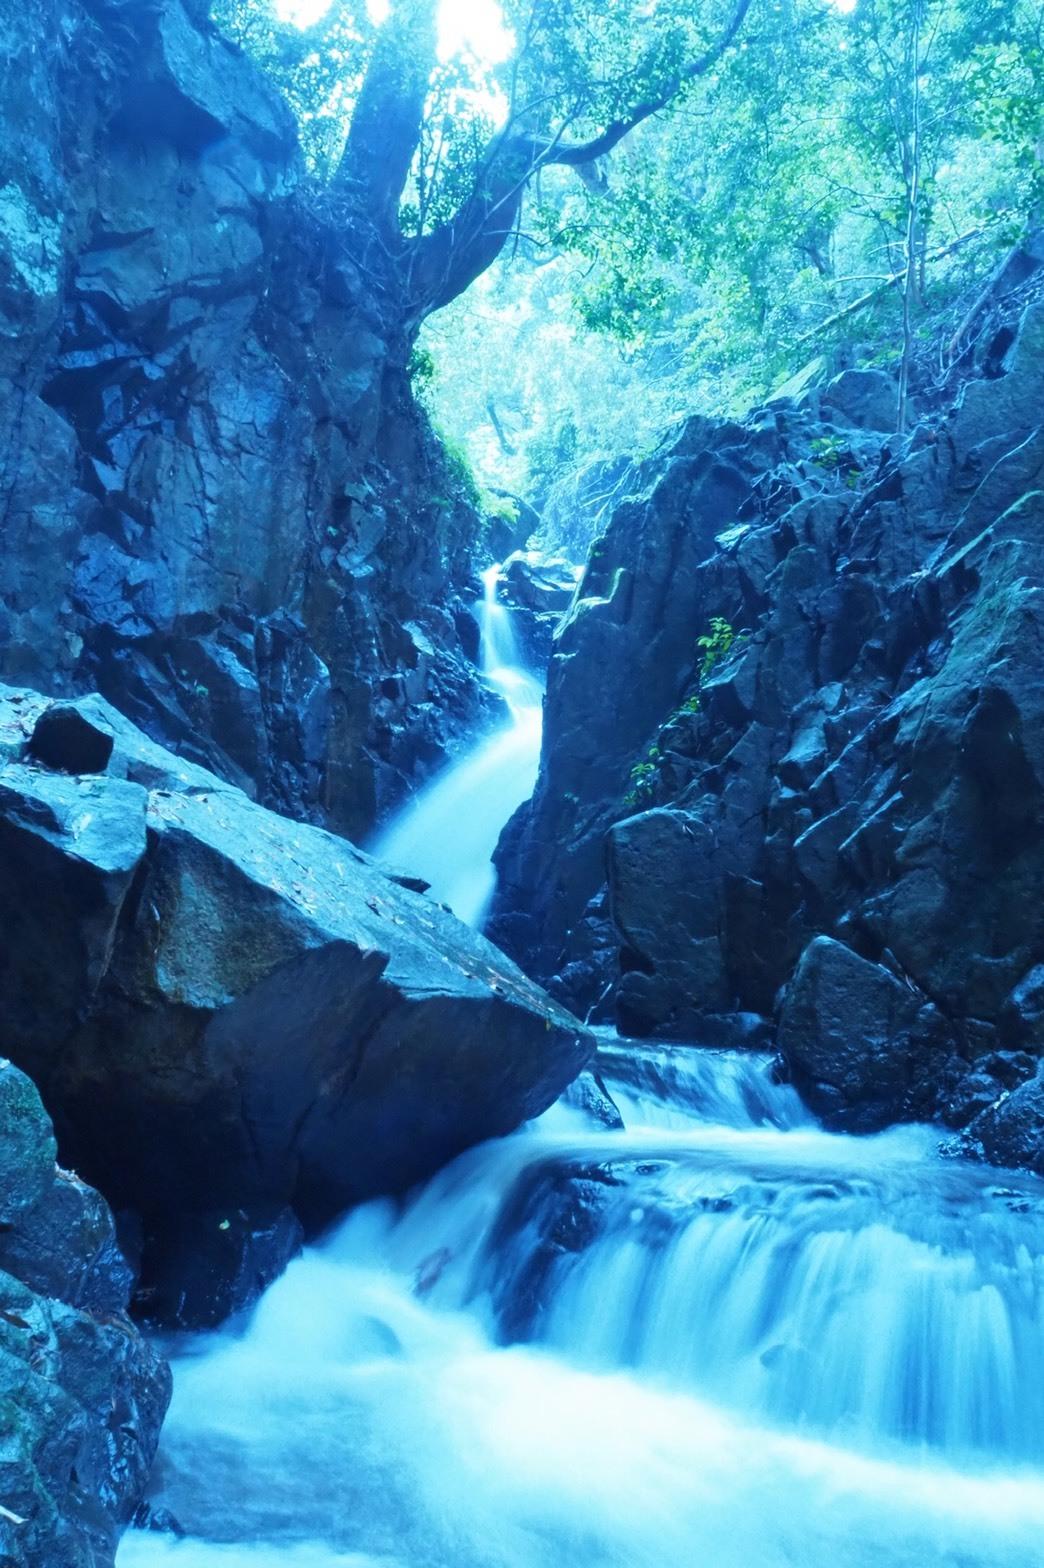 ぴーきち&ダイナ ハーレーブログ 京都 龍王の滝